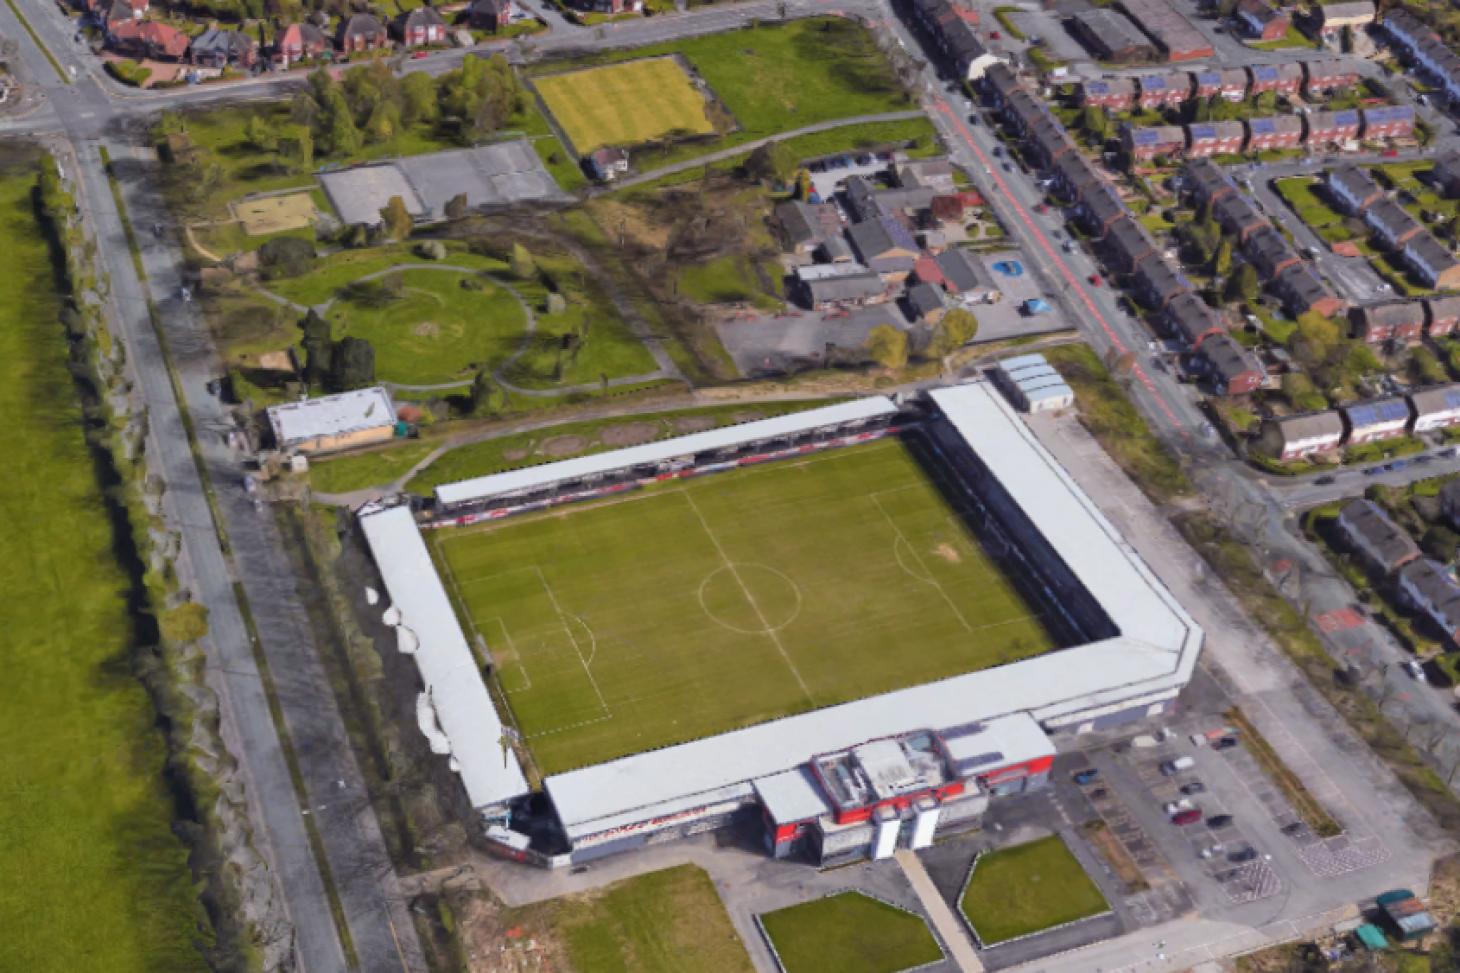 Broadhurst Park Stadium 11 a side | Grass football pitch